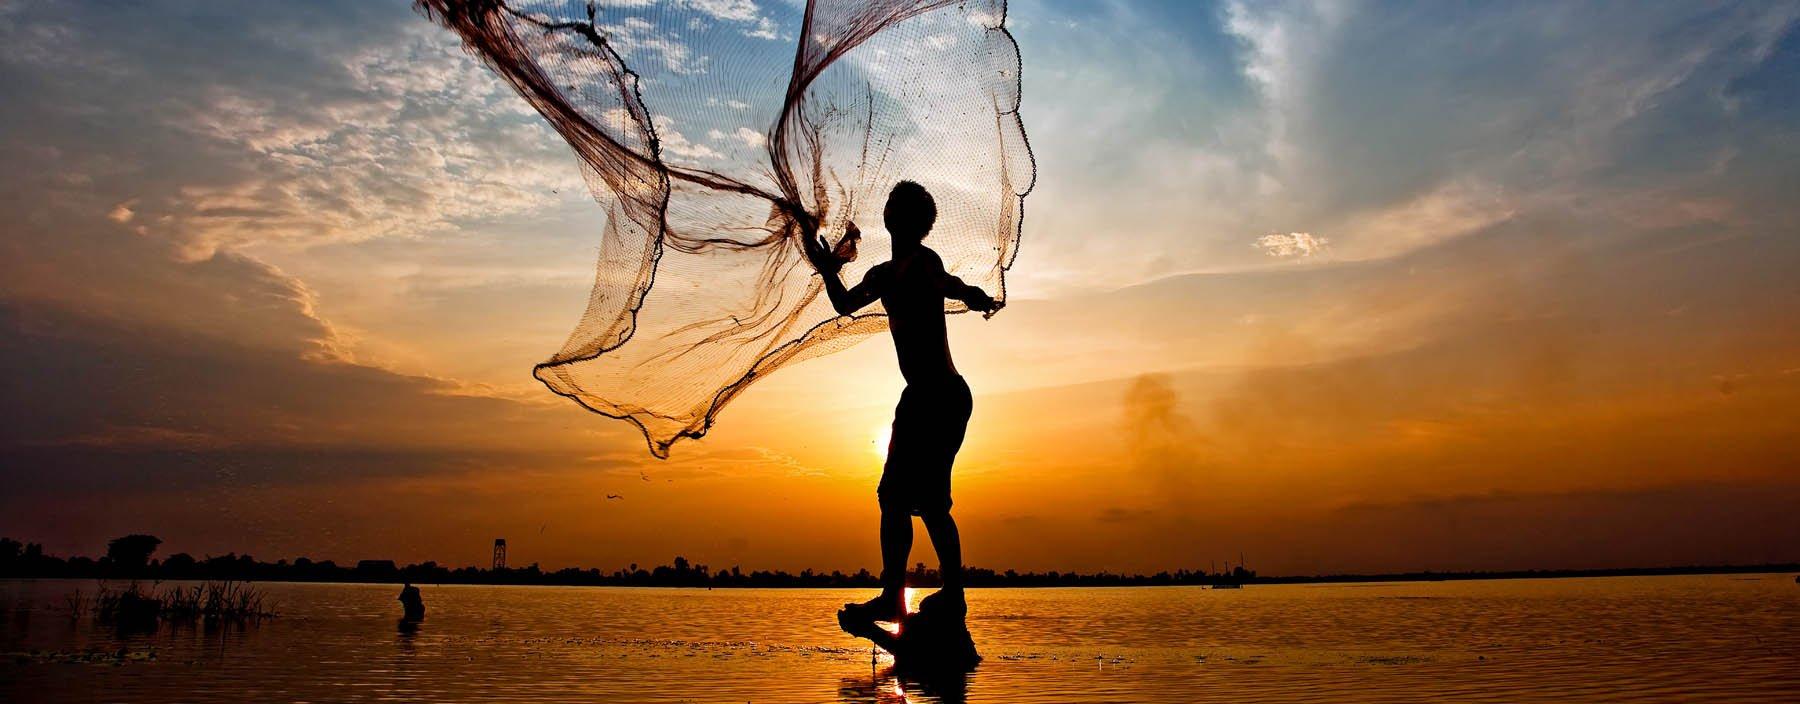 Visser bij het Ton Le Sap meer, Cambodja